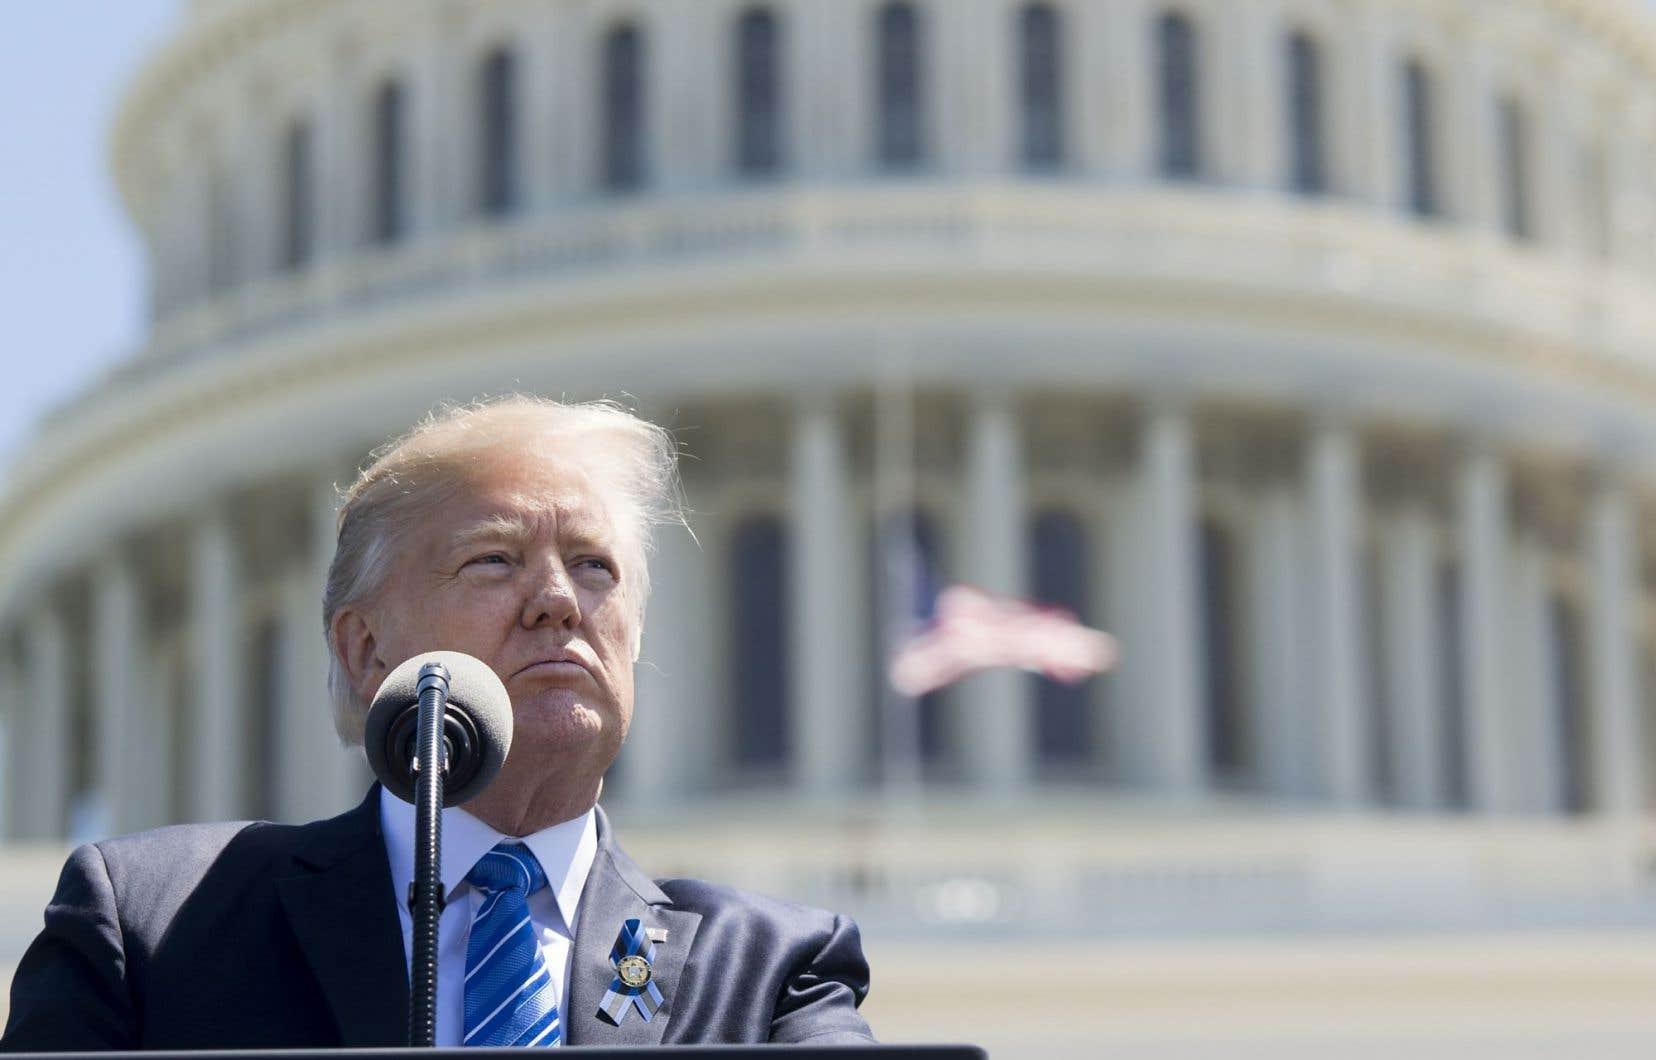 Les visées protectionnistes du président américain pourraient nuire à la croissance économique du pays.